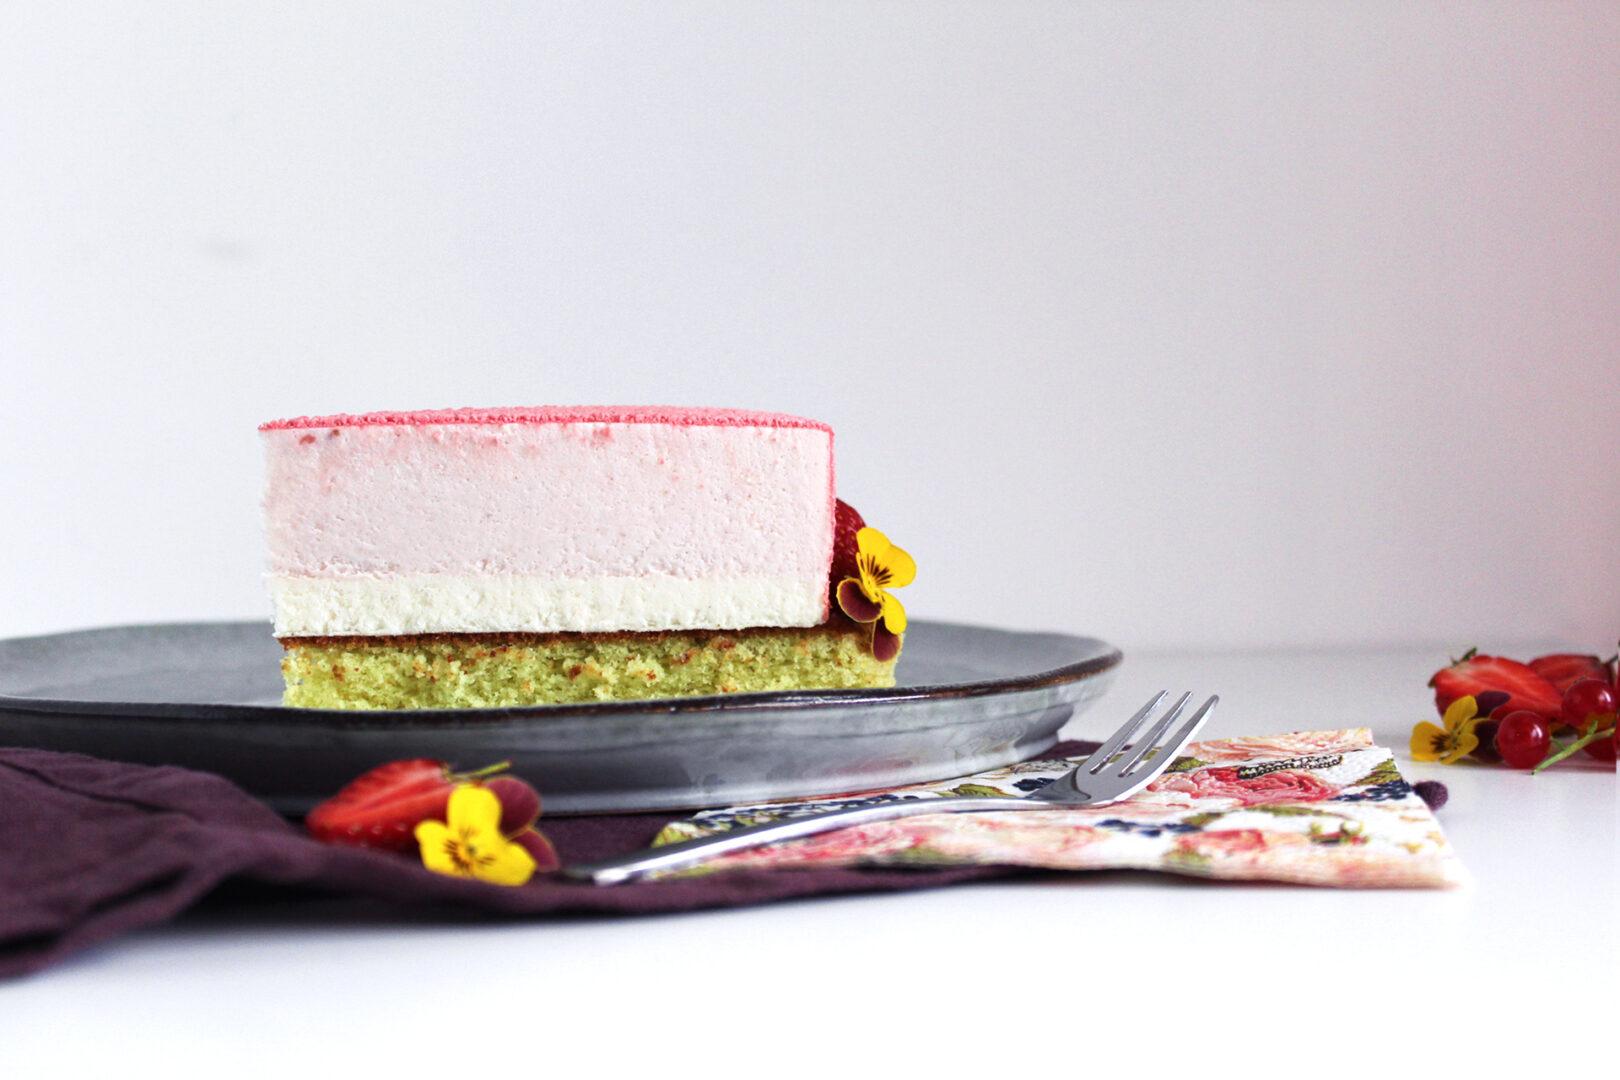 Jordbær kage med Råstoff Strawberry-Rhubarb, hvid chokolade og pistaciebund.